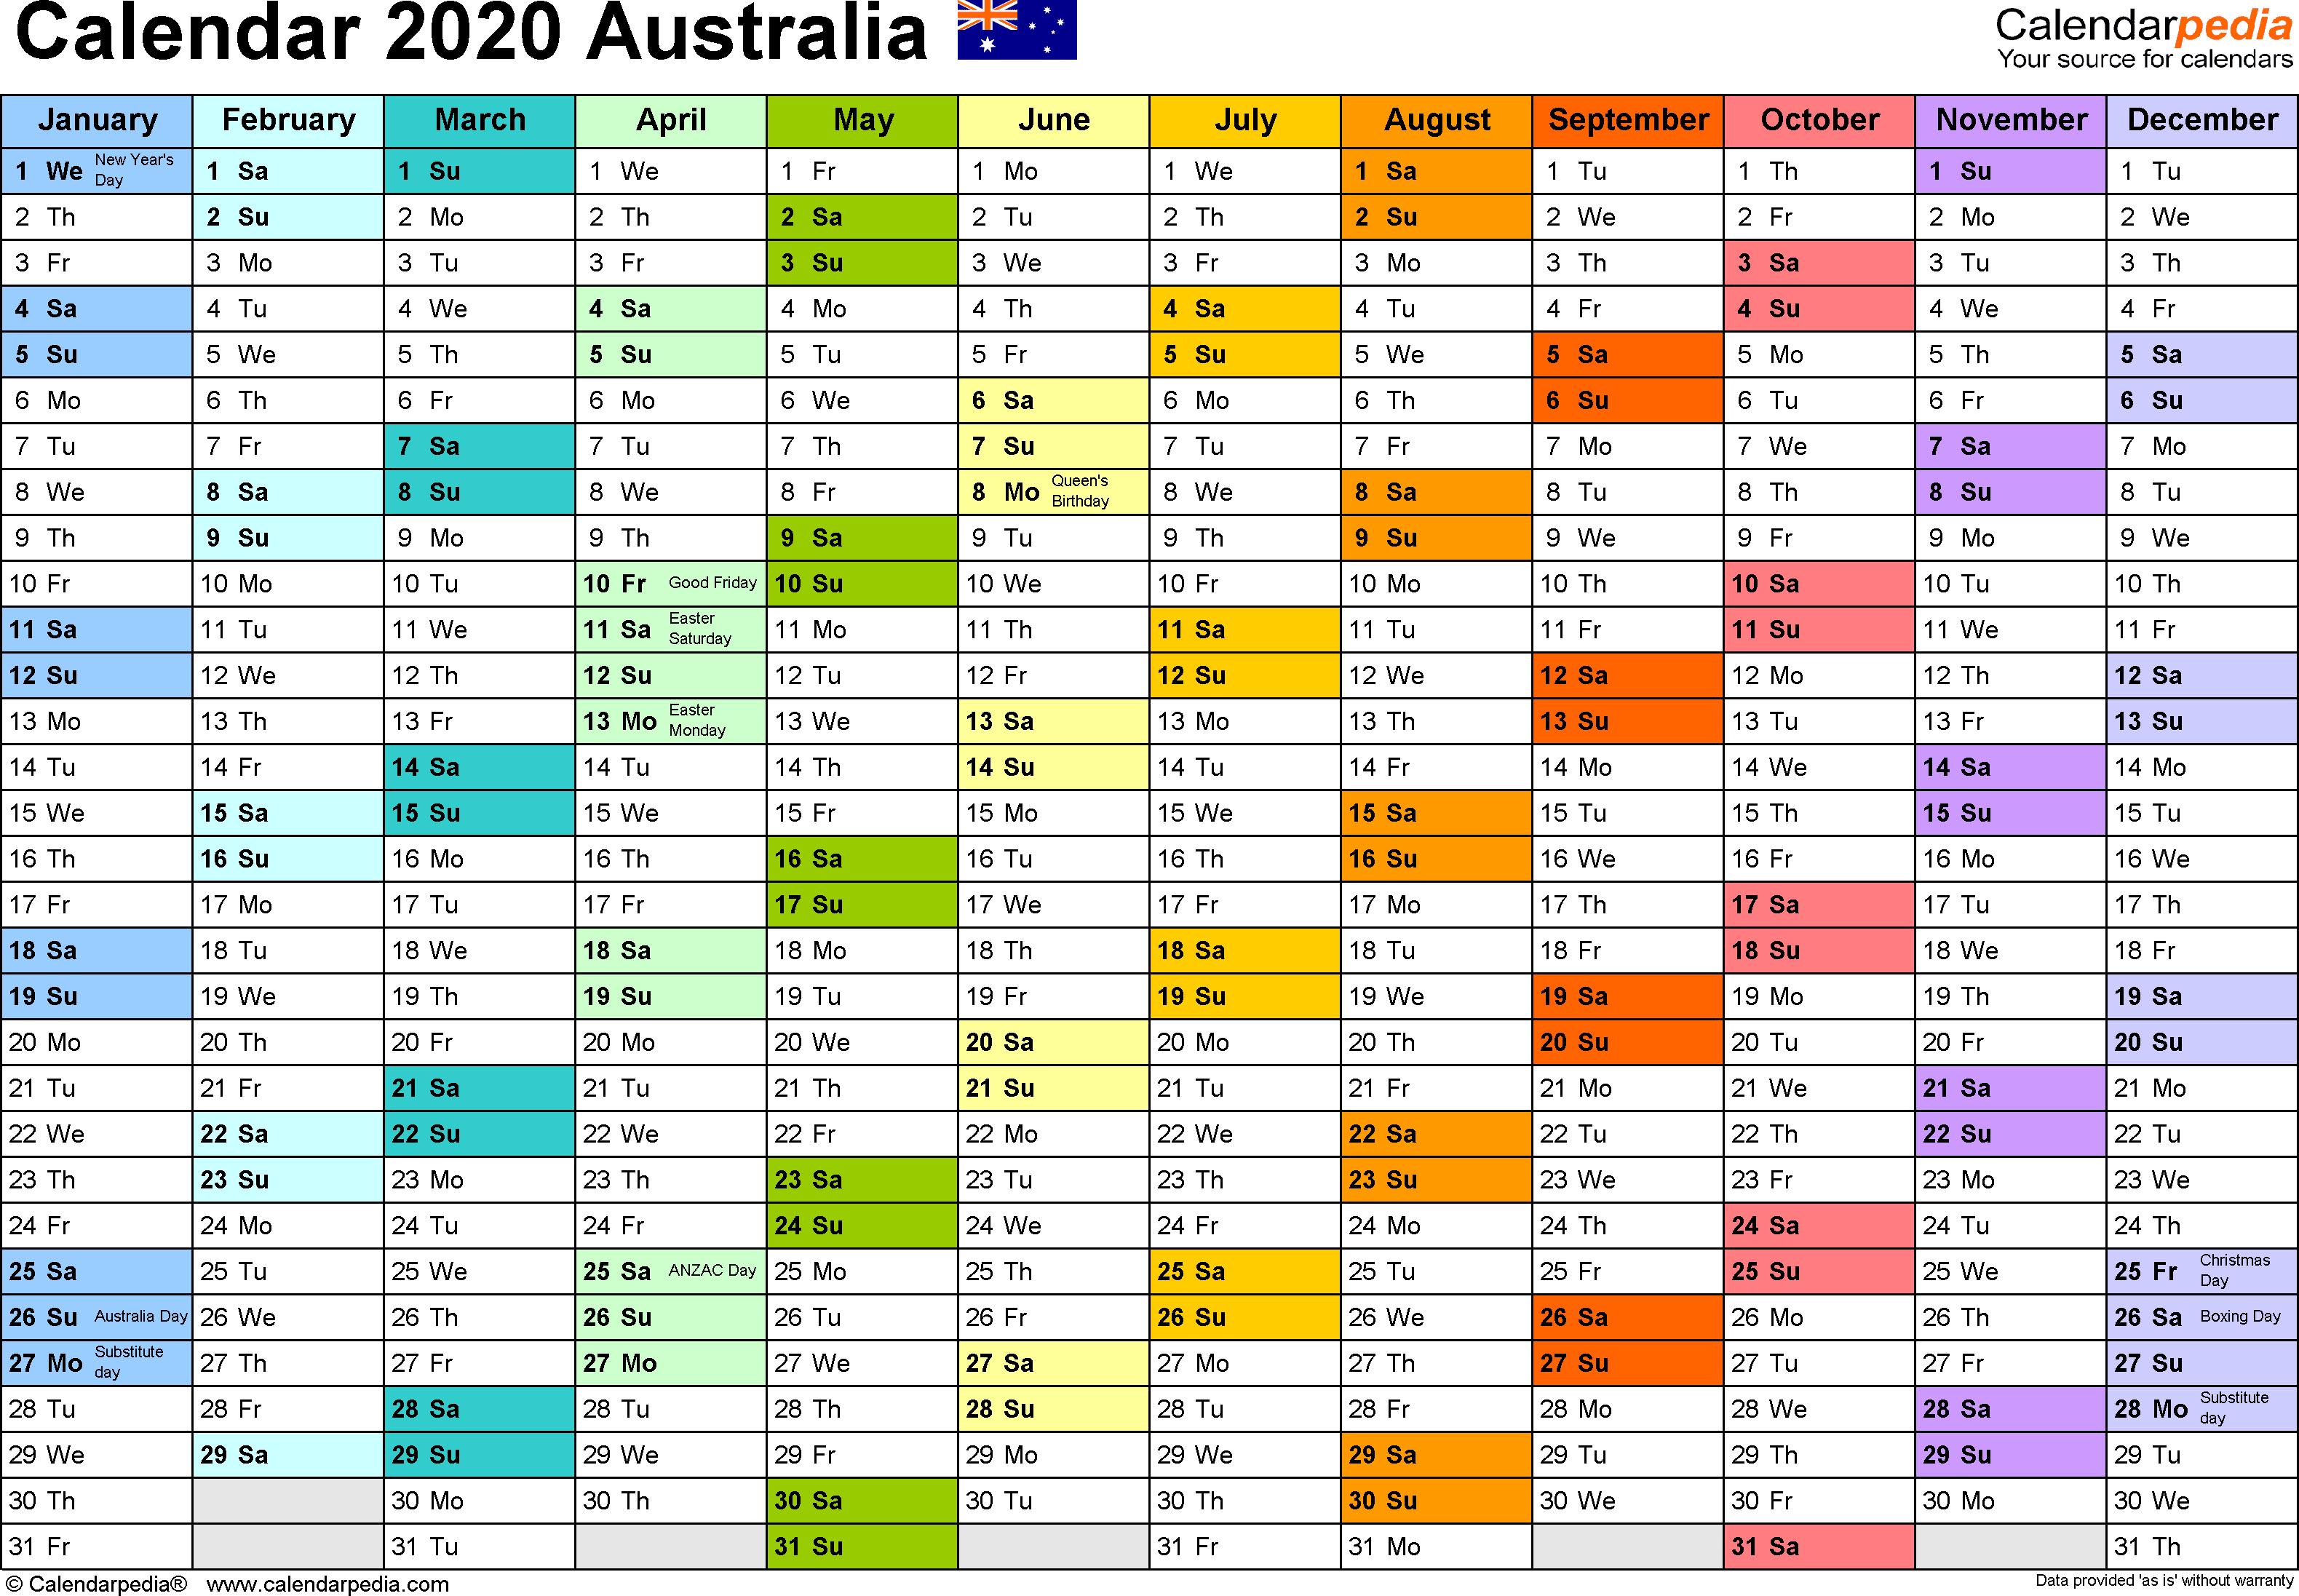 Australia Calendar 2020  Free Printable Word Templates throughout Calendarpedia 2020 Excel